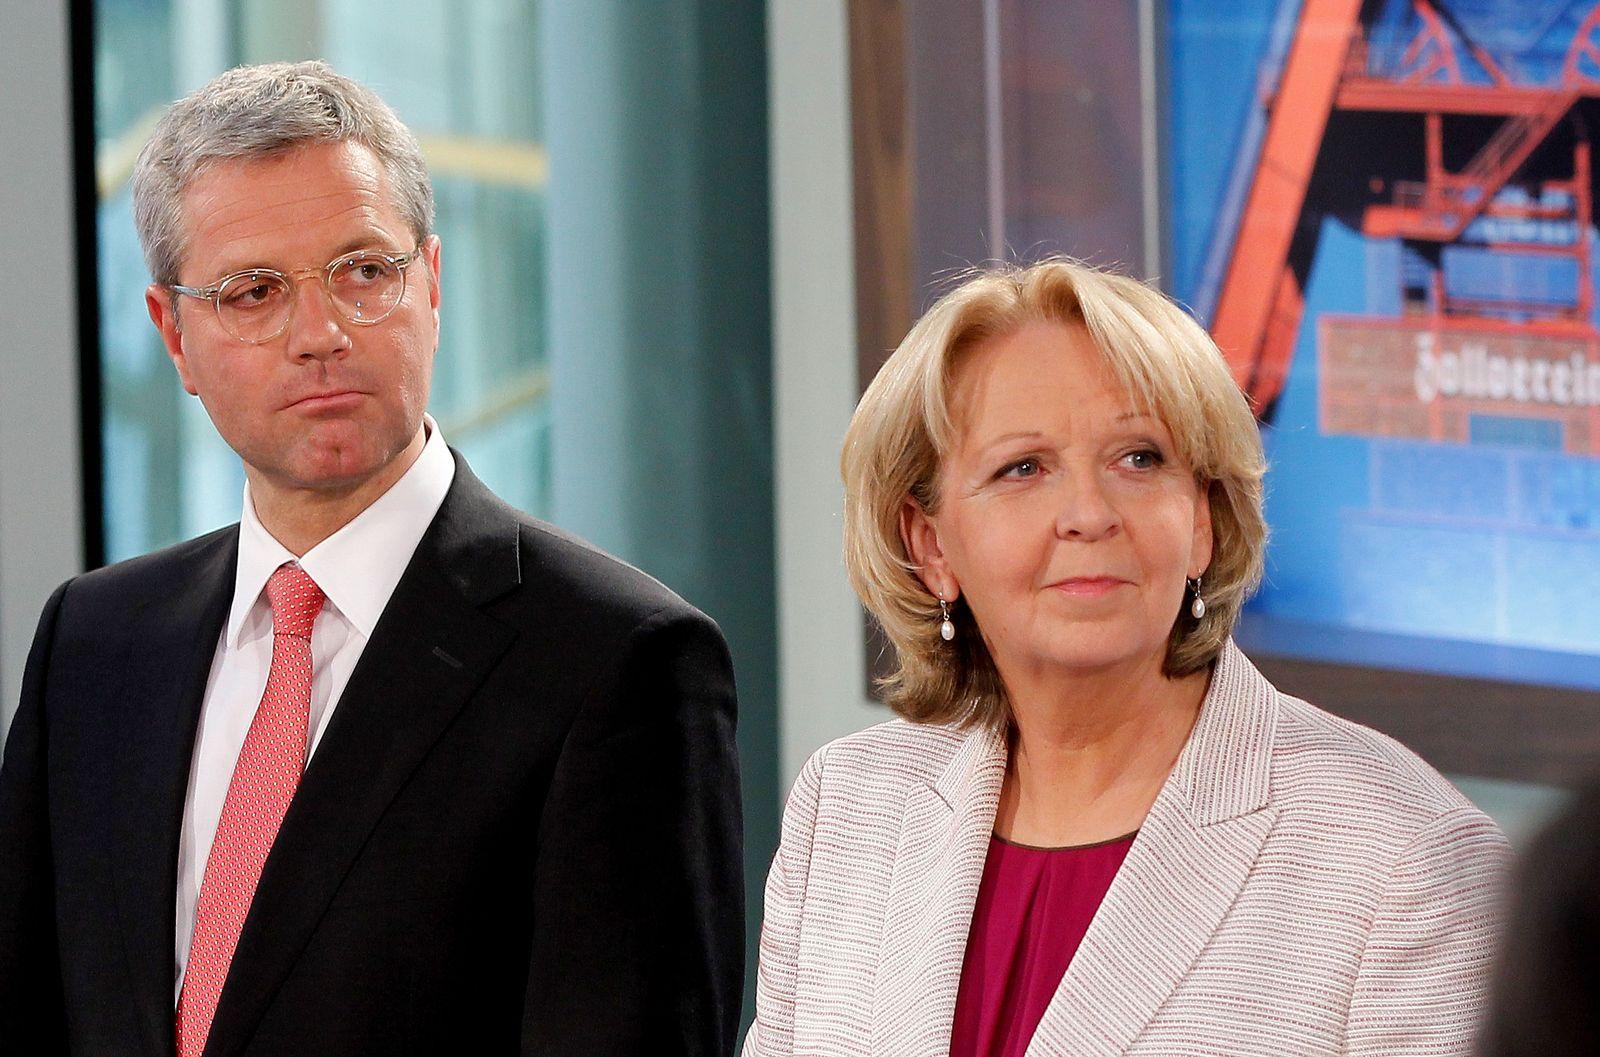 NICHT VERWENDEN kraft röttgen nach der Wahl in NRW